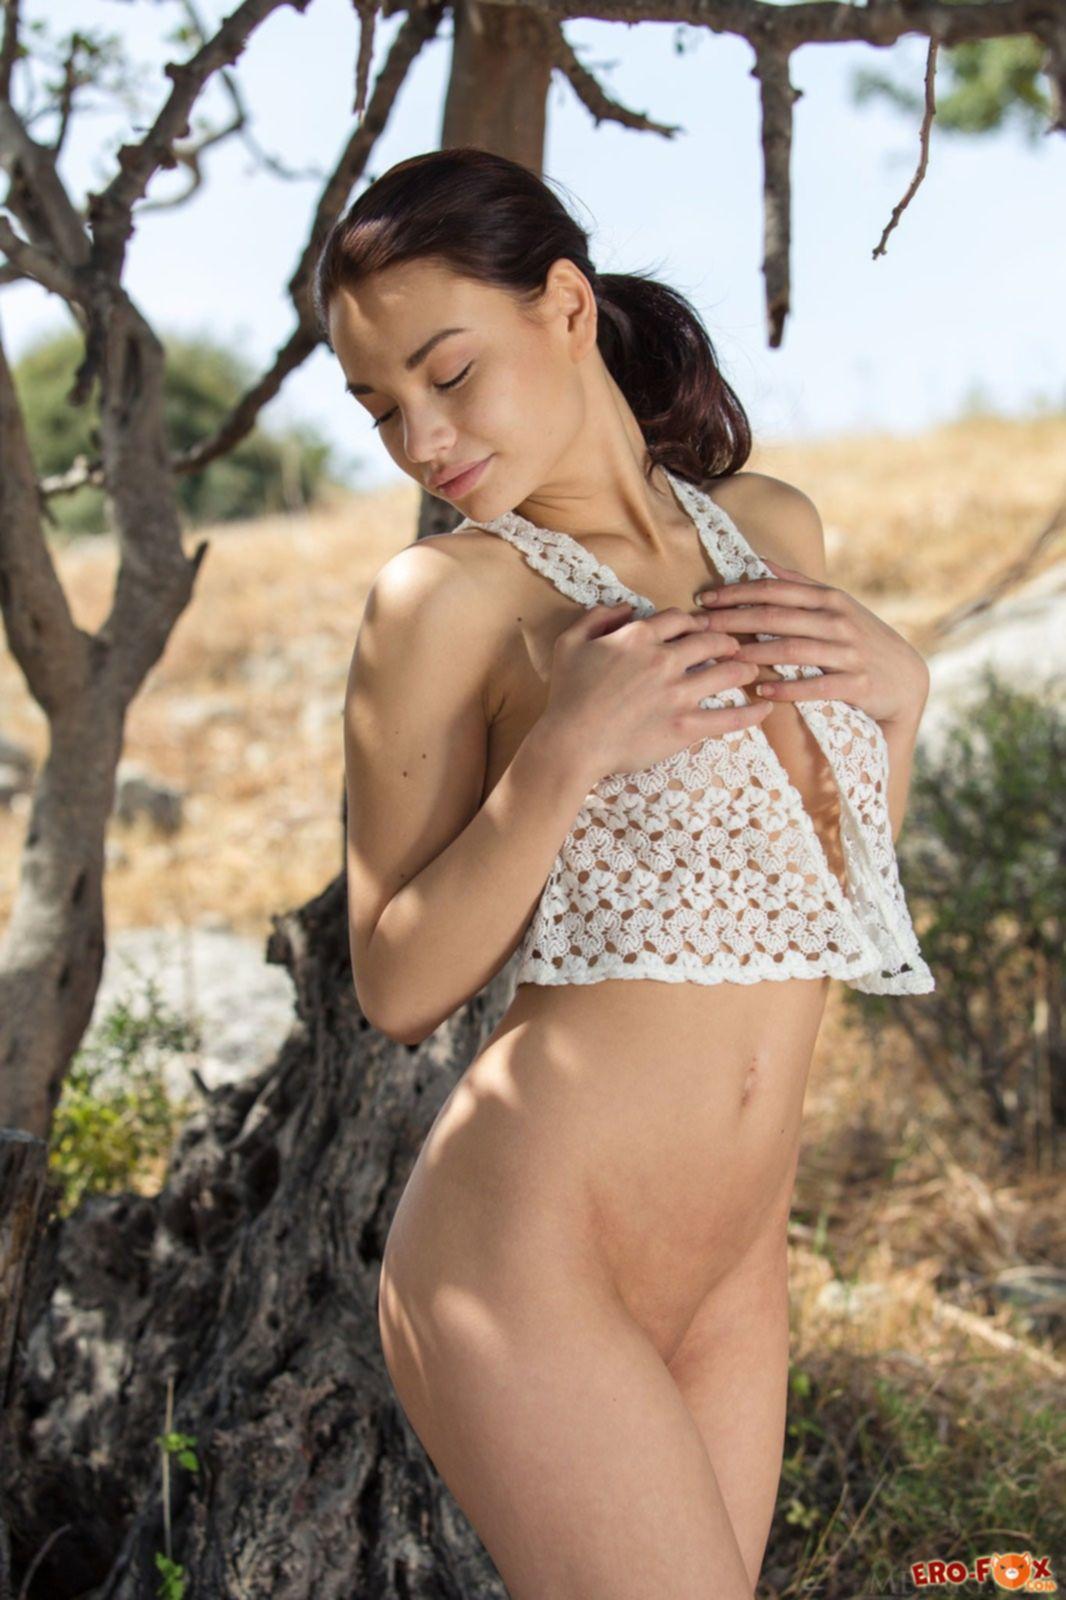 Девушка с большими упругими сиськами - фото голой.